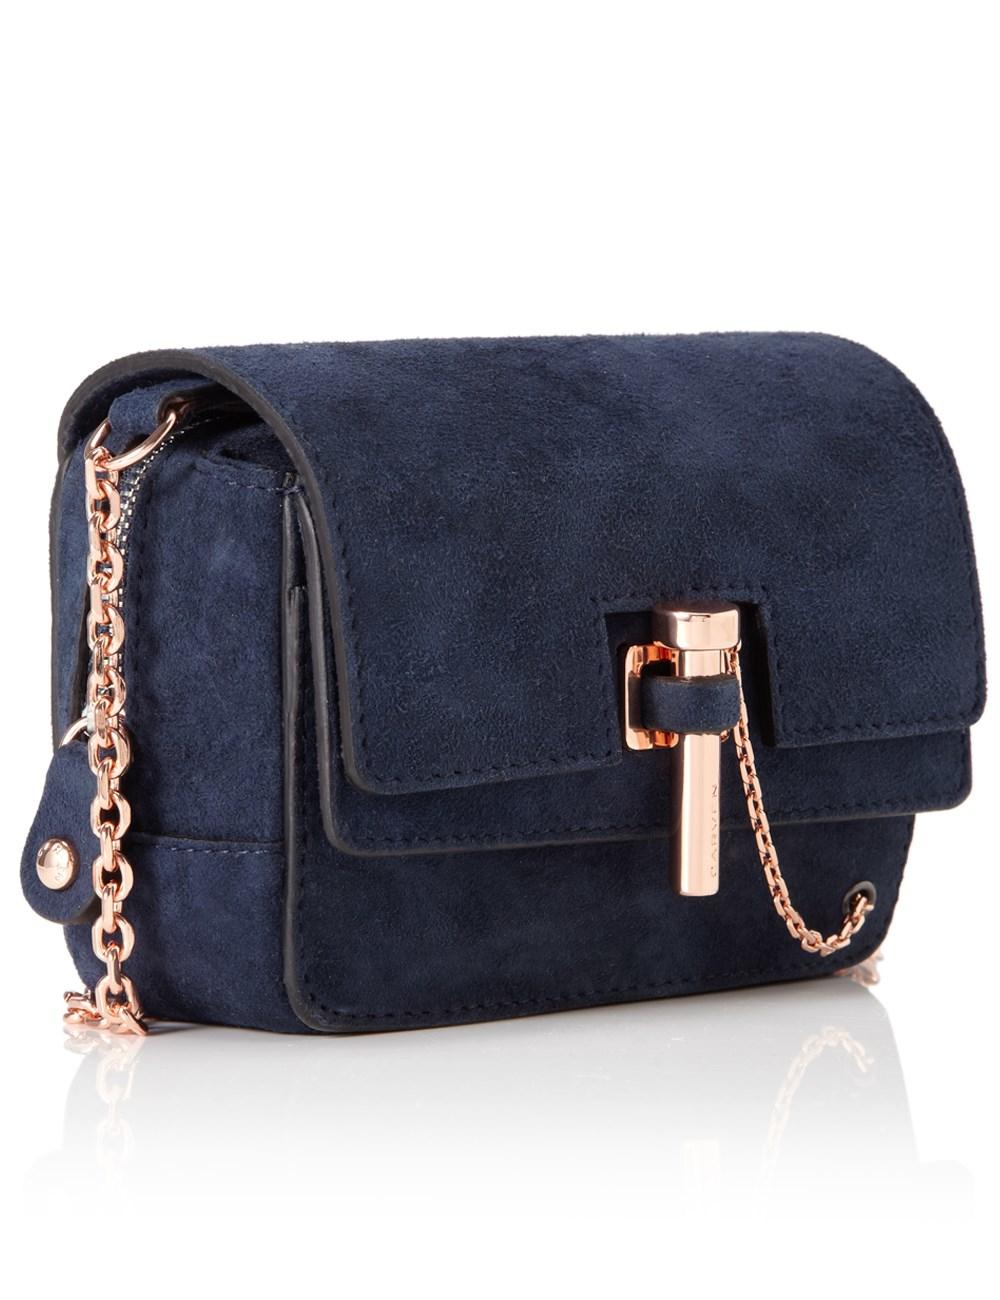 Dark Navy Suede Handbags Handbag Photos Eleventyone